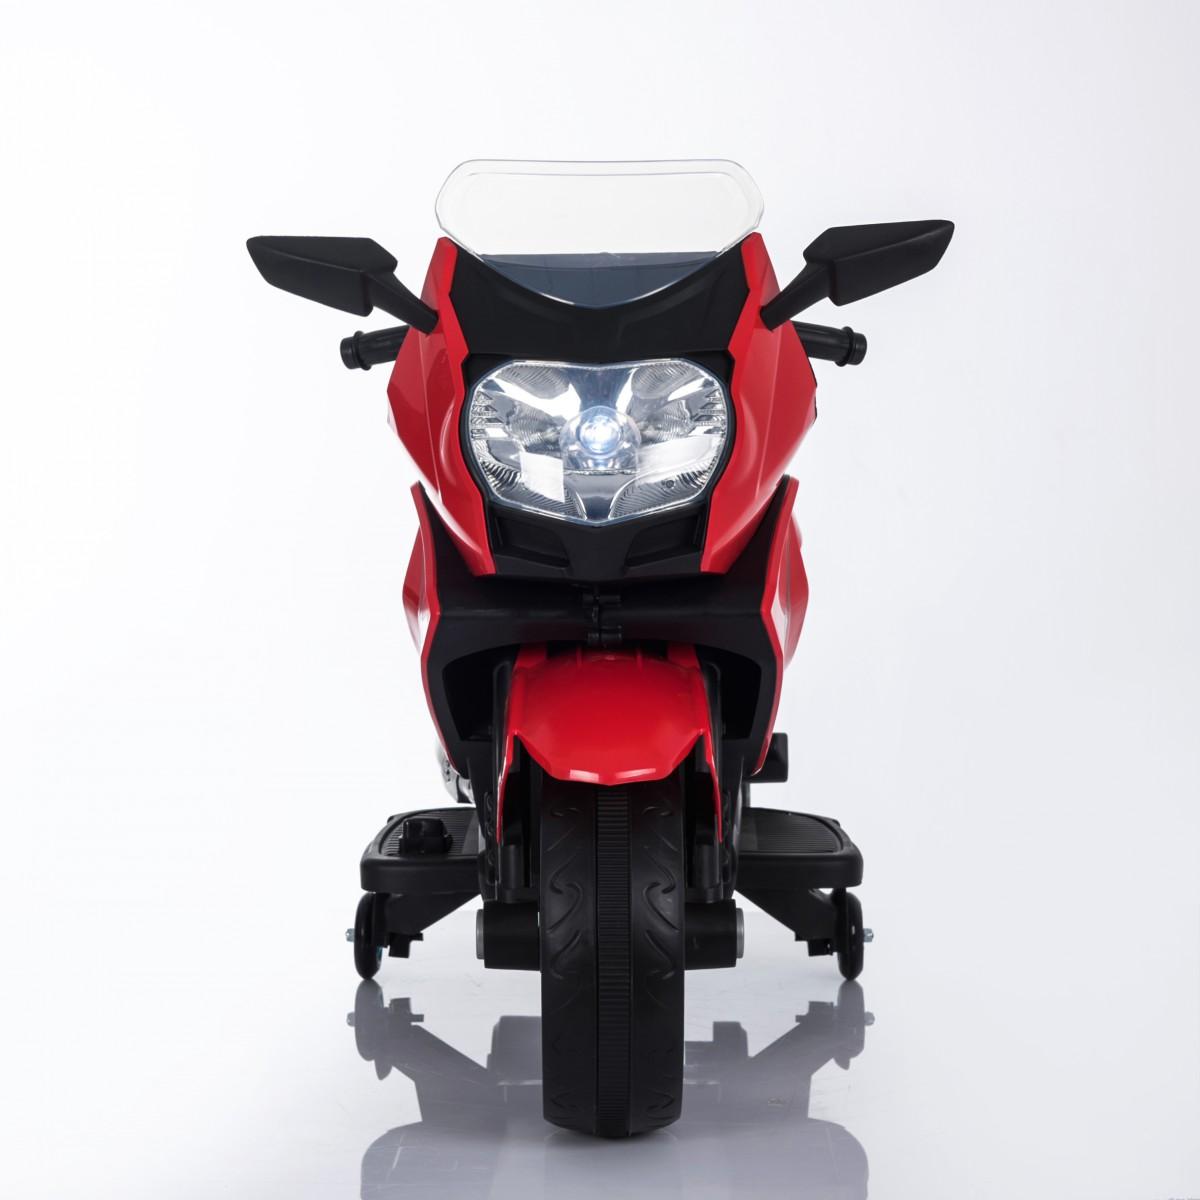 https://igiroskuter.ru/images/upload/4%20Мотоцикл%20Moto%20ХМХ%20316%20Красный%20(ХМХ316%20К).jpg